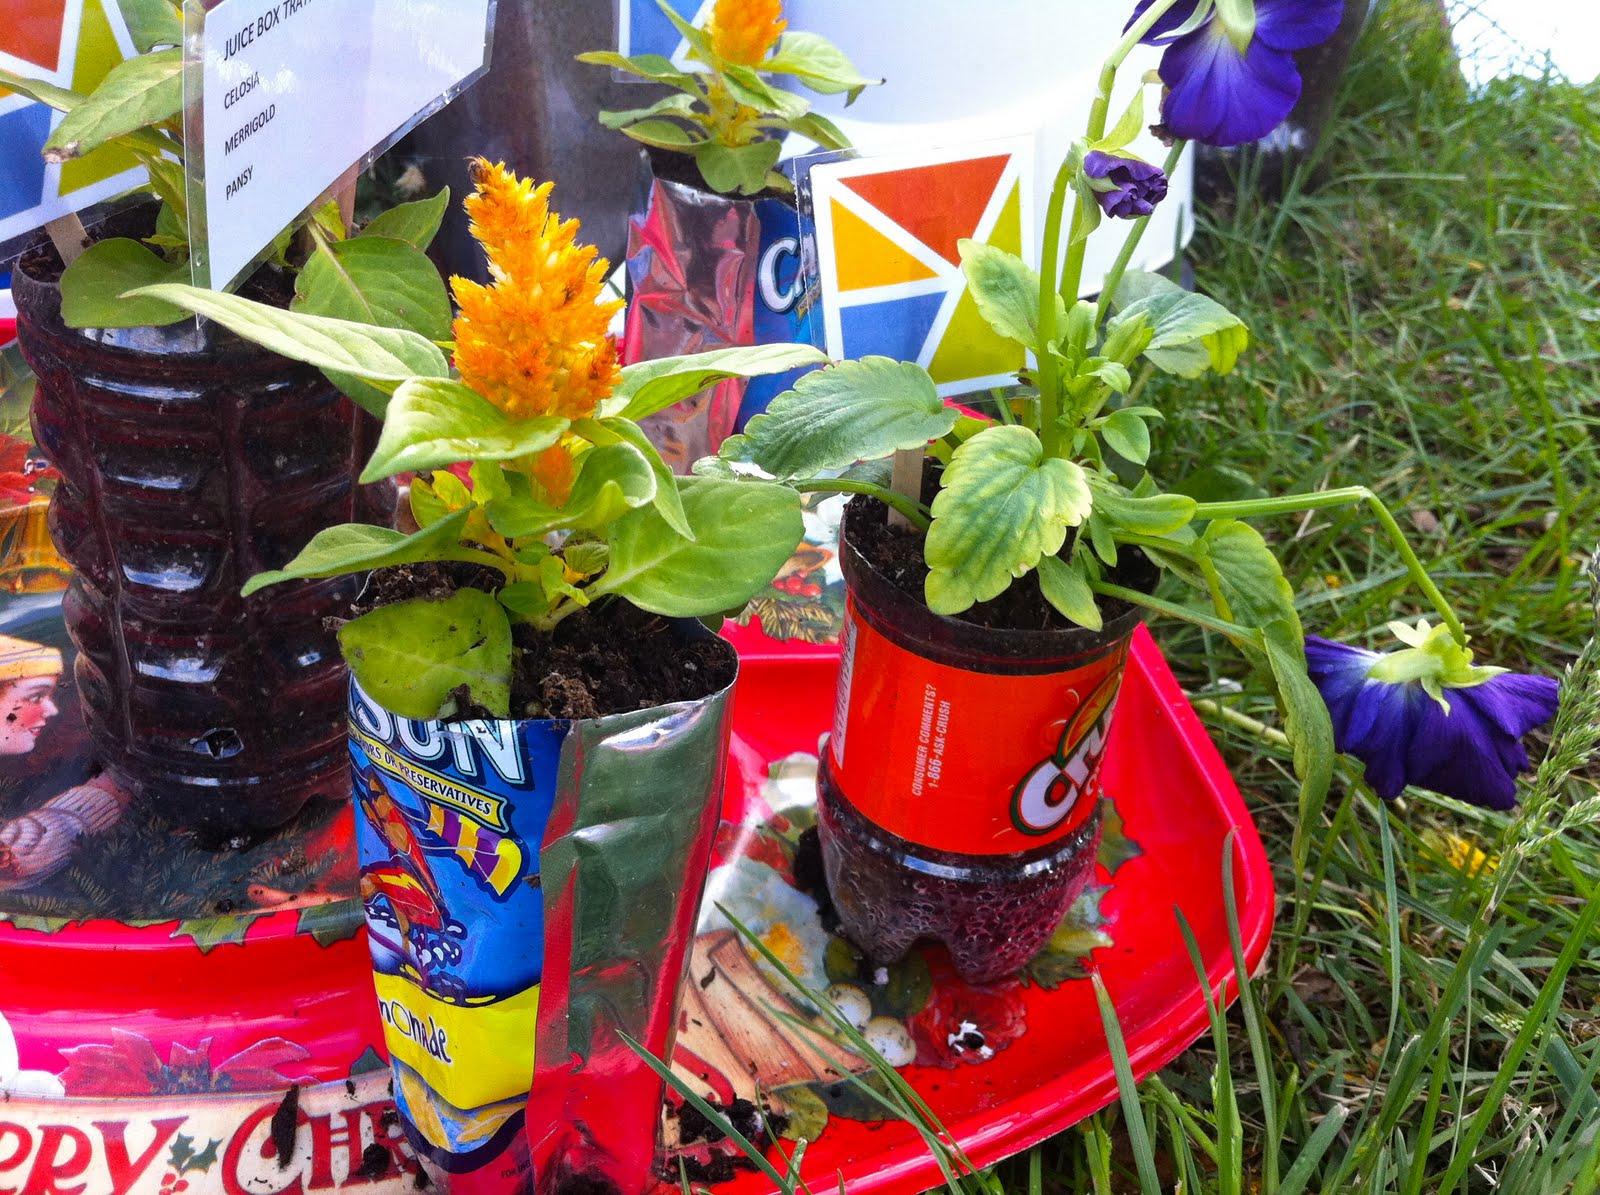 StrungByColor: Recycled Garden Decor